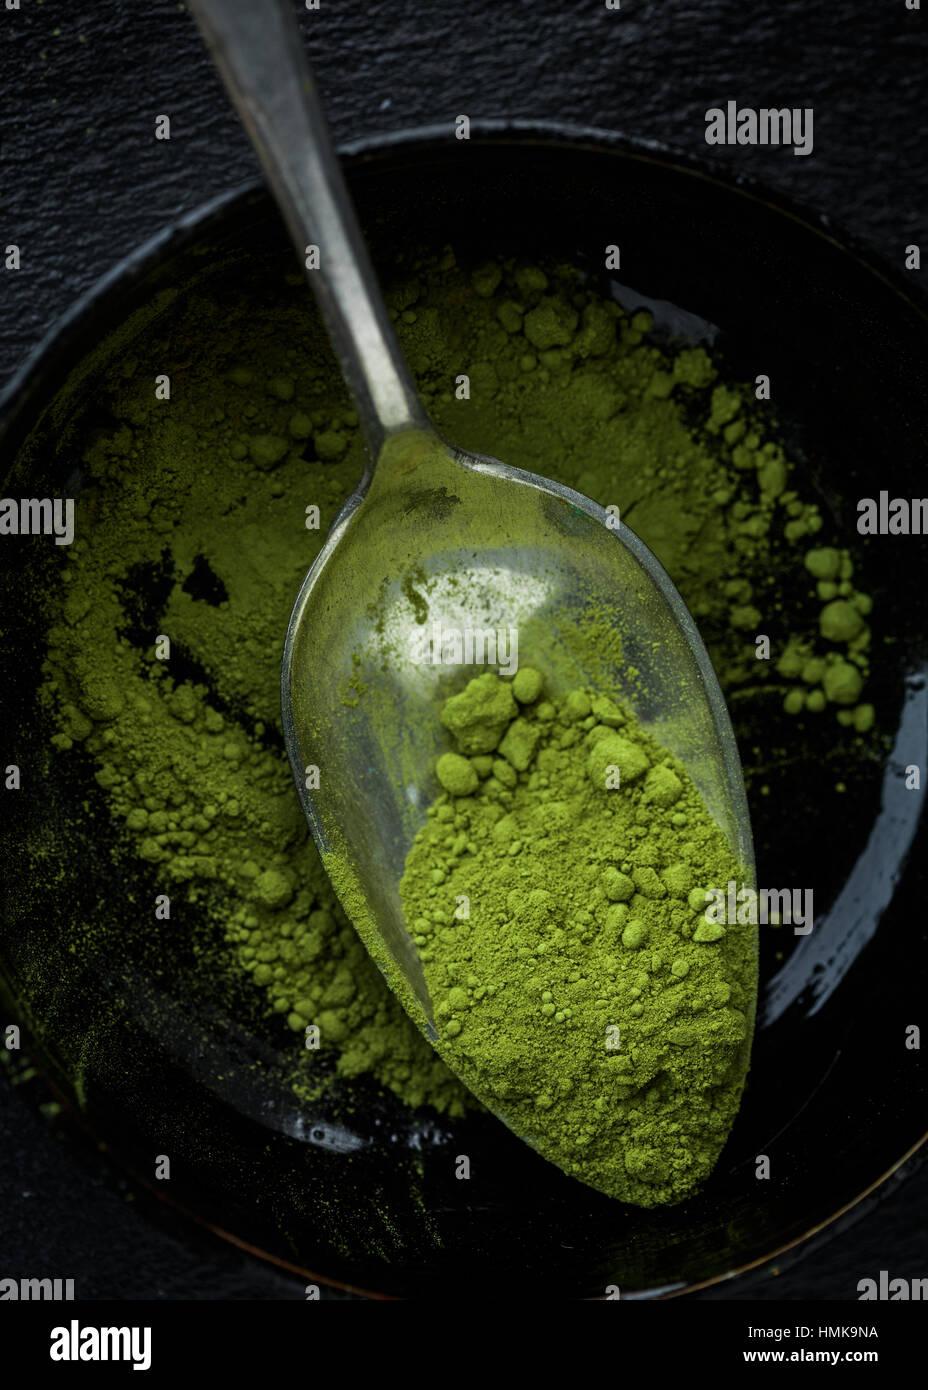 Directamente encima del tiro de polvo de té matcha en la cuchara Foto de stock